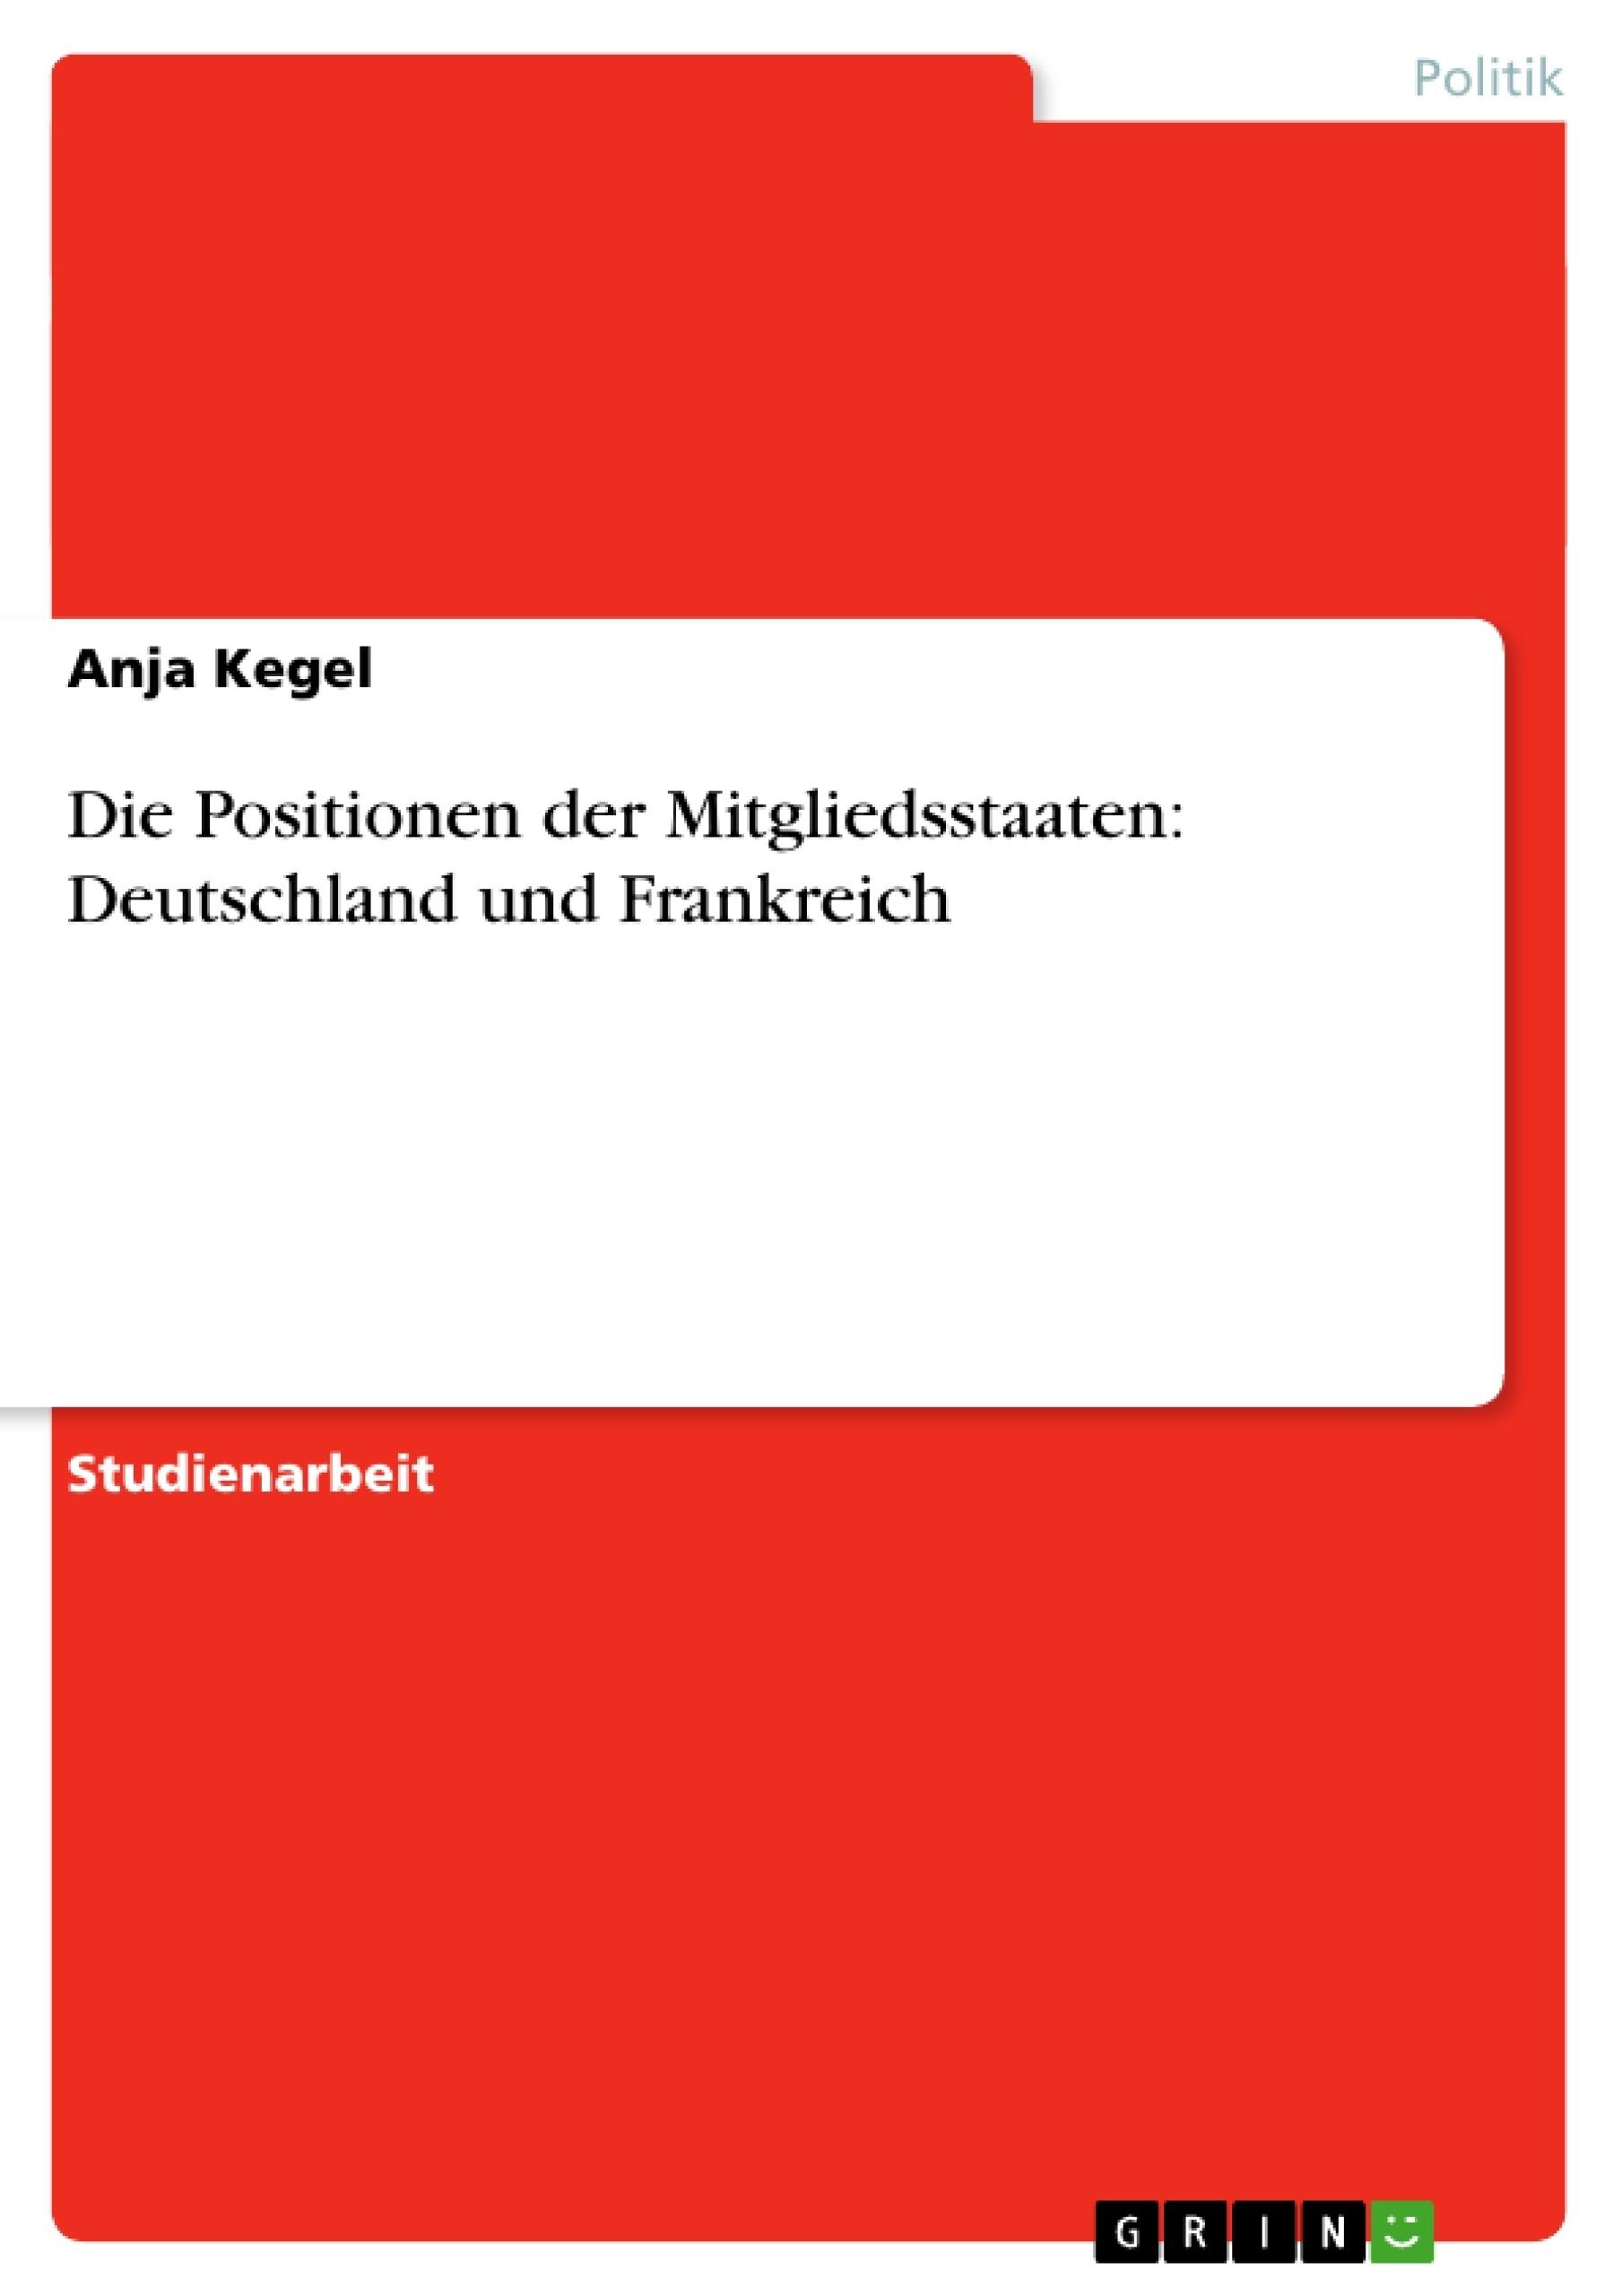 Titel: Die Positionen der Mitgliedsstaaten: Deutschland und Frankreich